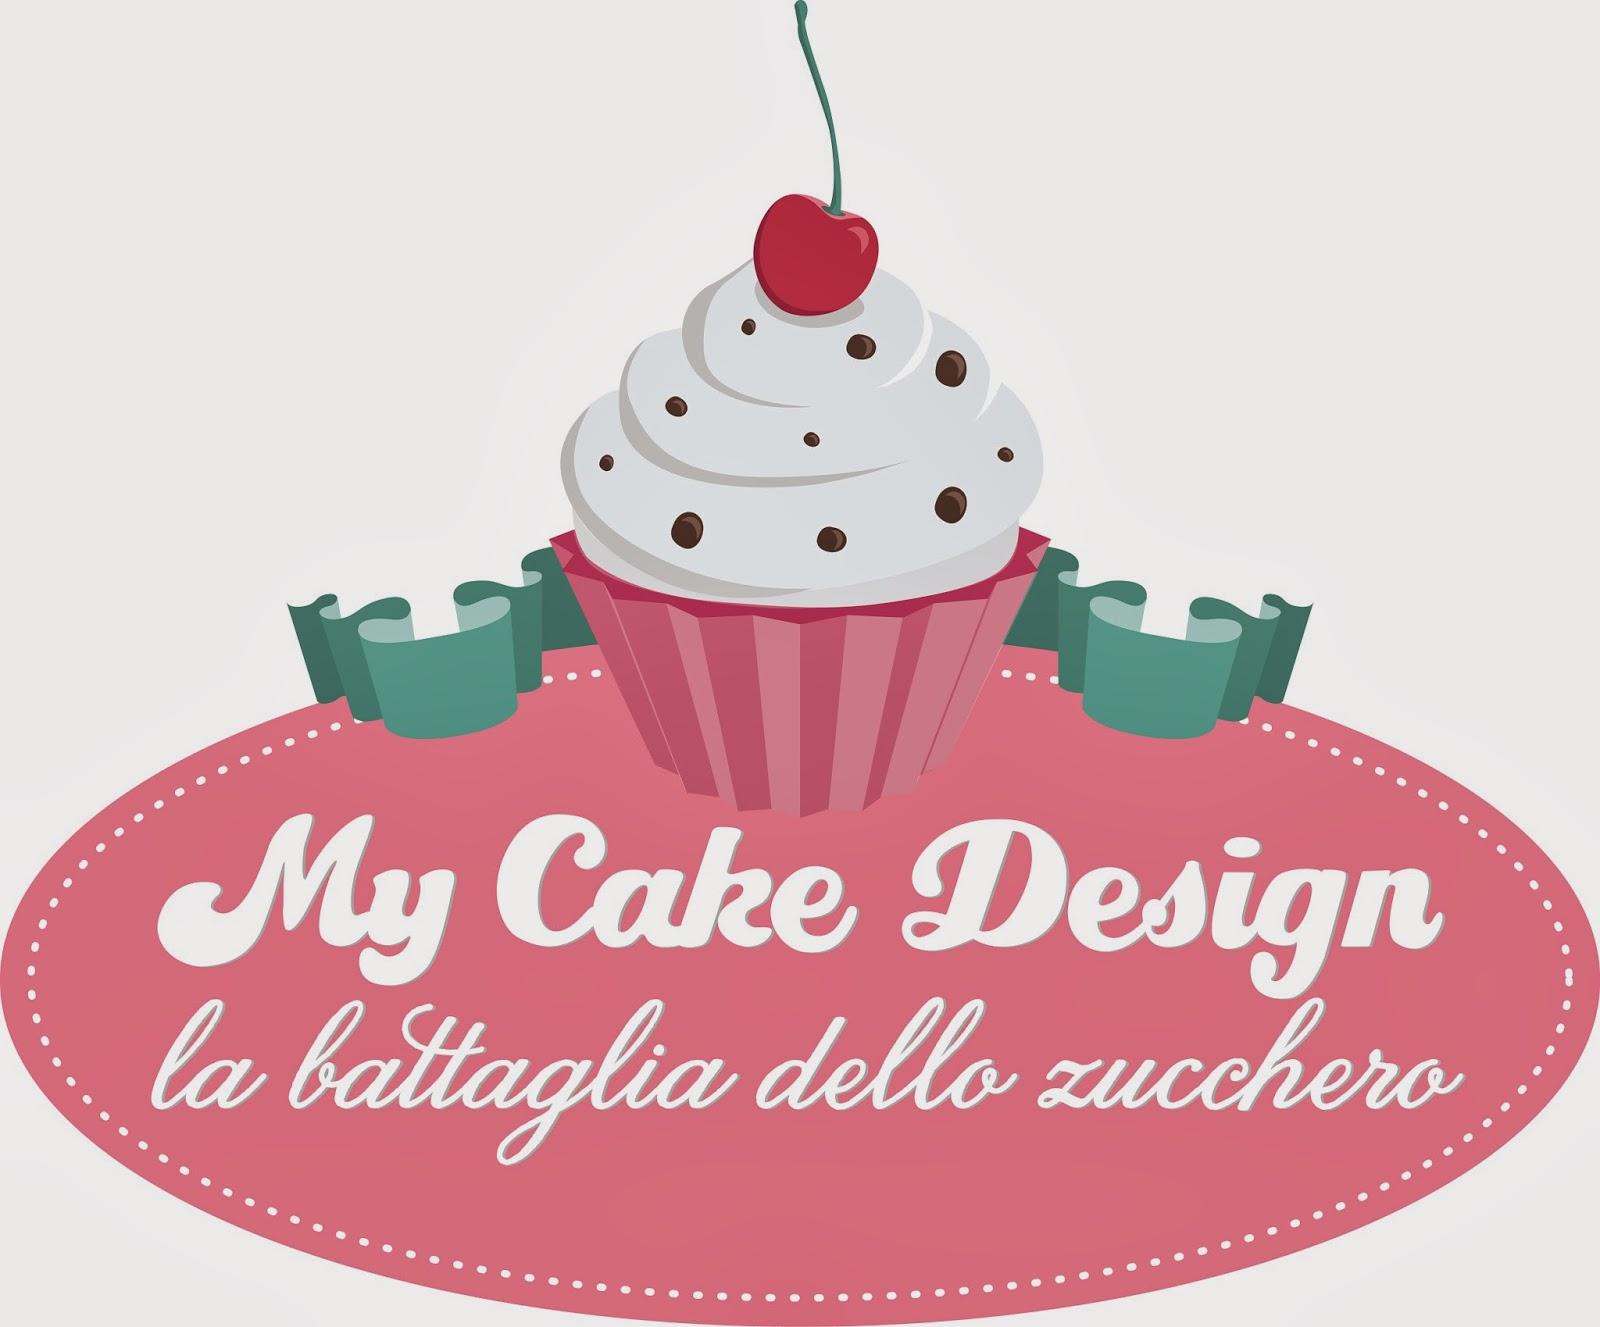 Corsi Di Cake Design Con Renato Ardovino : MY CAKE DESIGN con Renato Ardovino su REAL TIME canale 31 ...